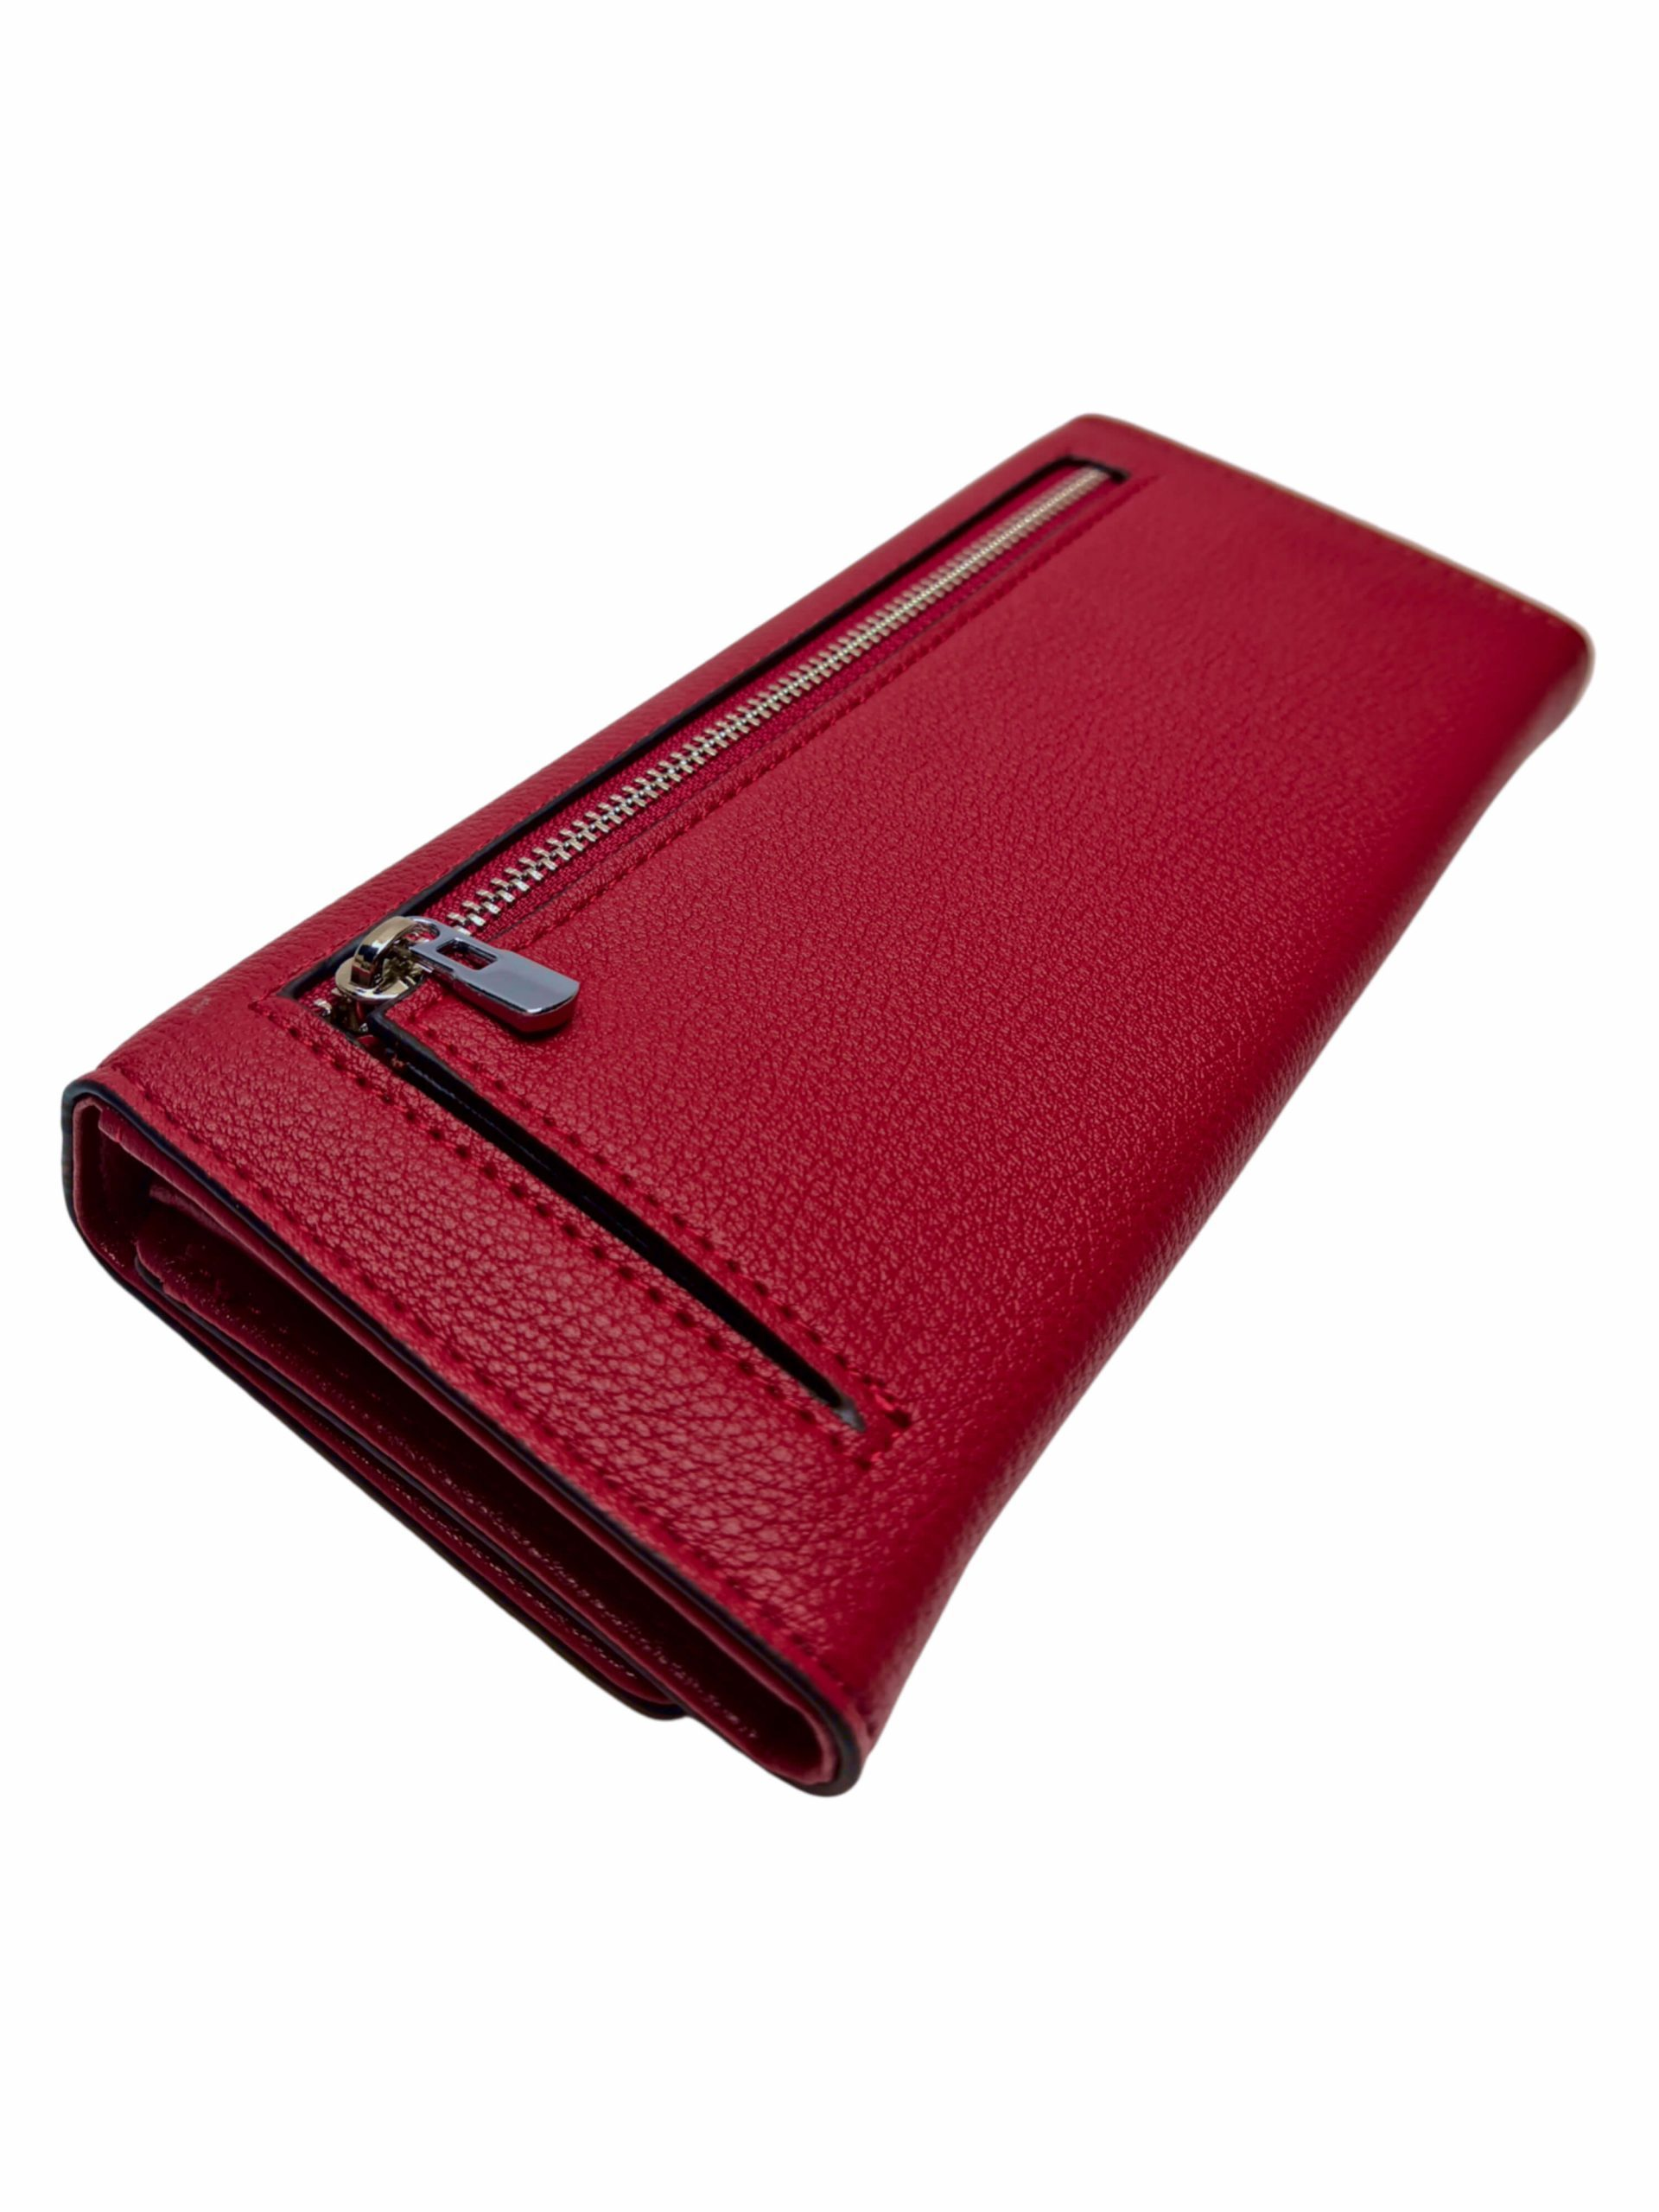 Elegantní dámská peněženka na magnetky, New Berry, 108-1, červená, zadní strana peněženky